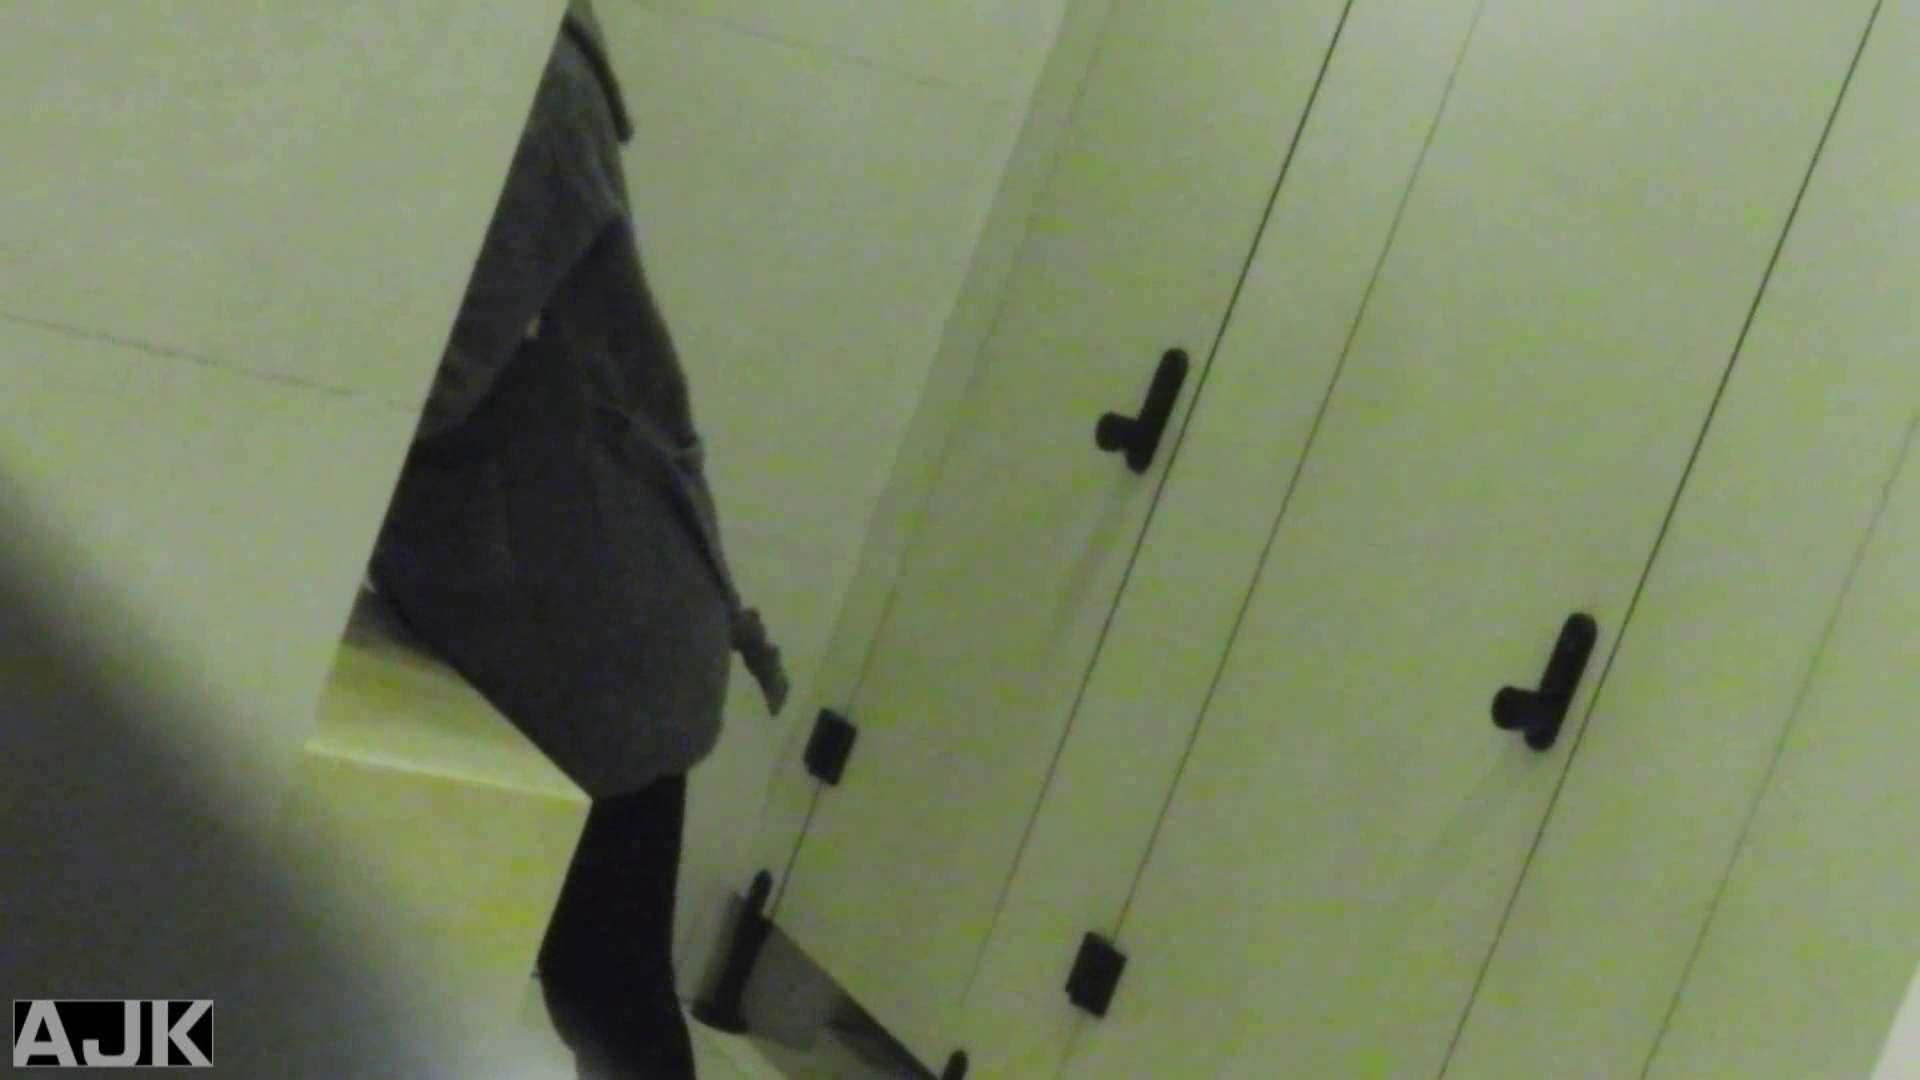 隣国上階級エリアの令嬢たちが集うデパートお手洗い Vol.14 お嬢様  78PIX 56